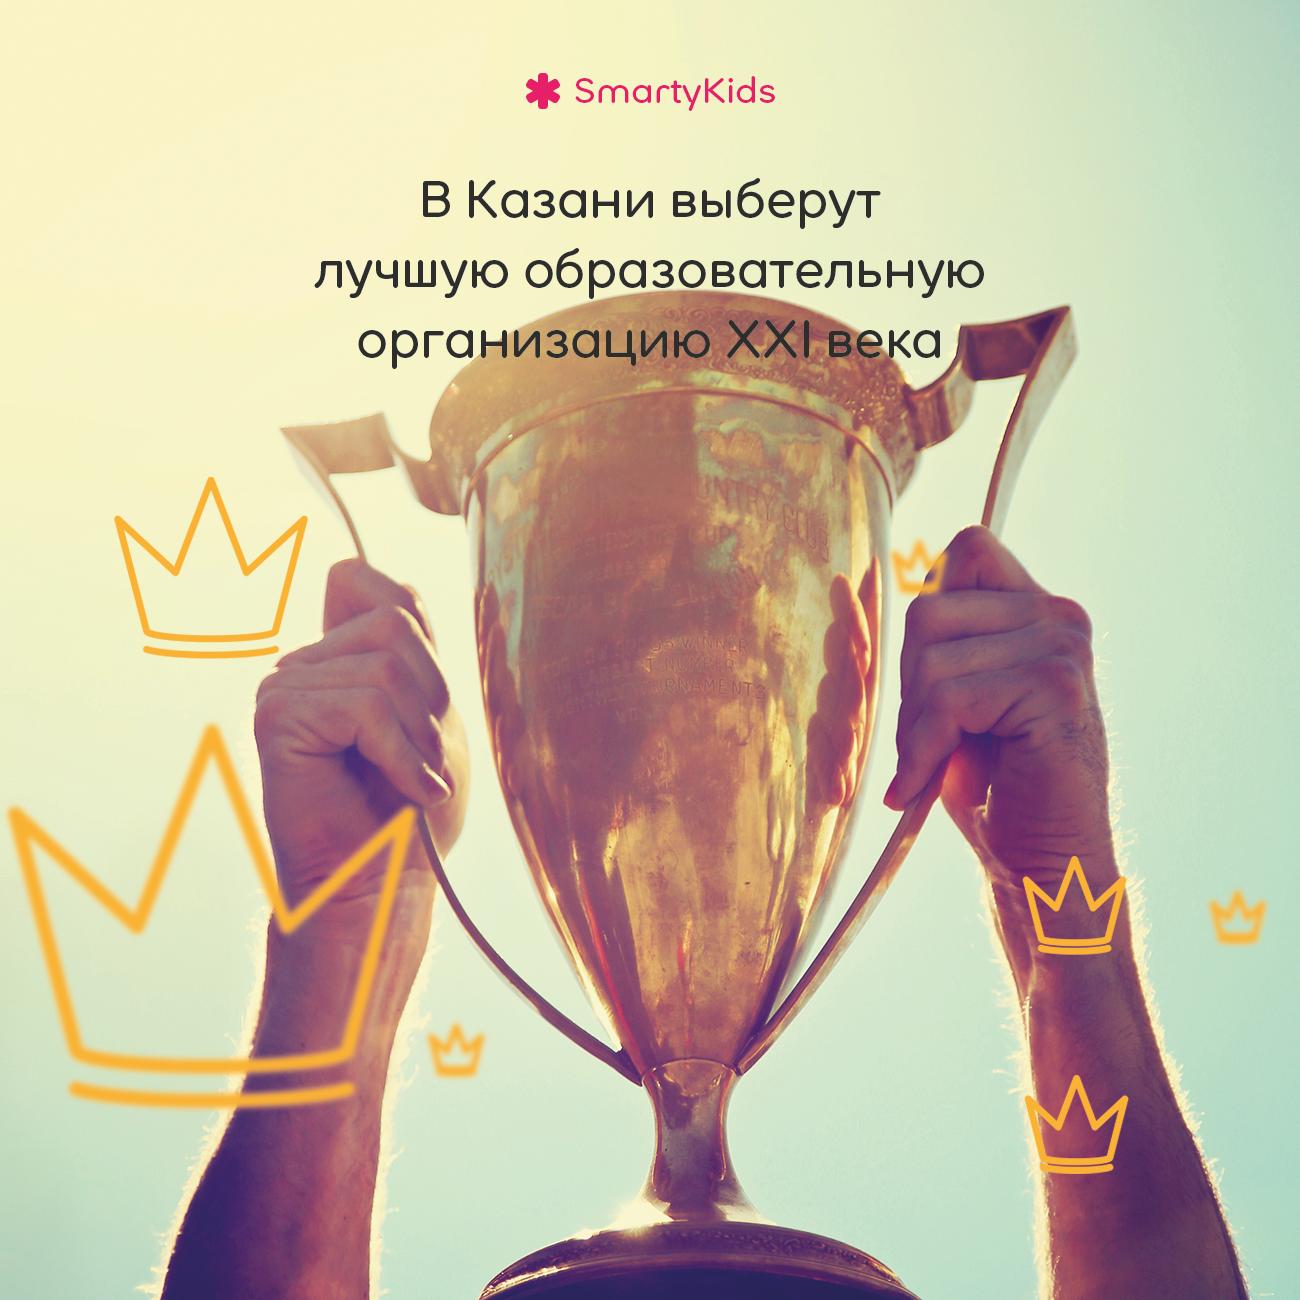 В Казани выберут лучшую образовательную организацию XXI века